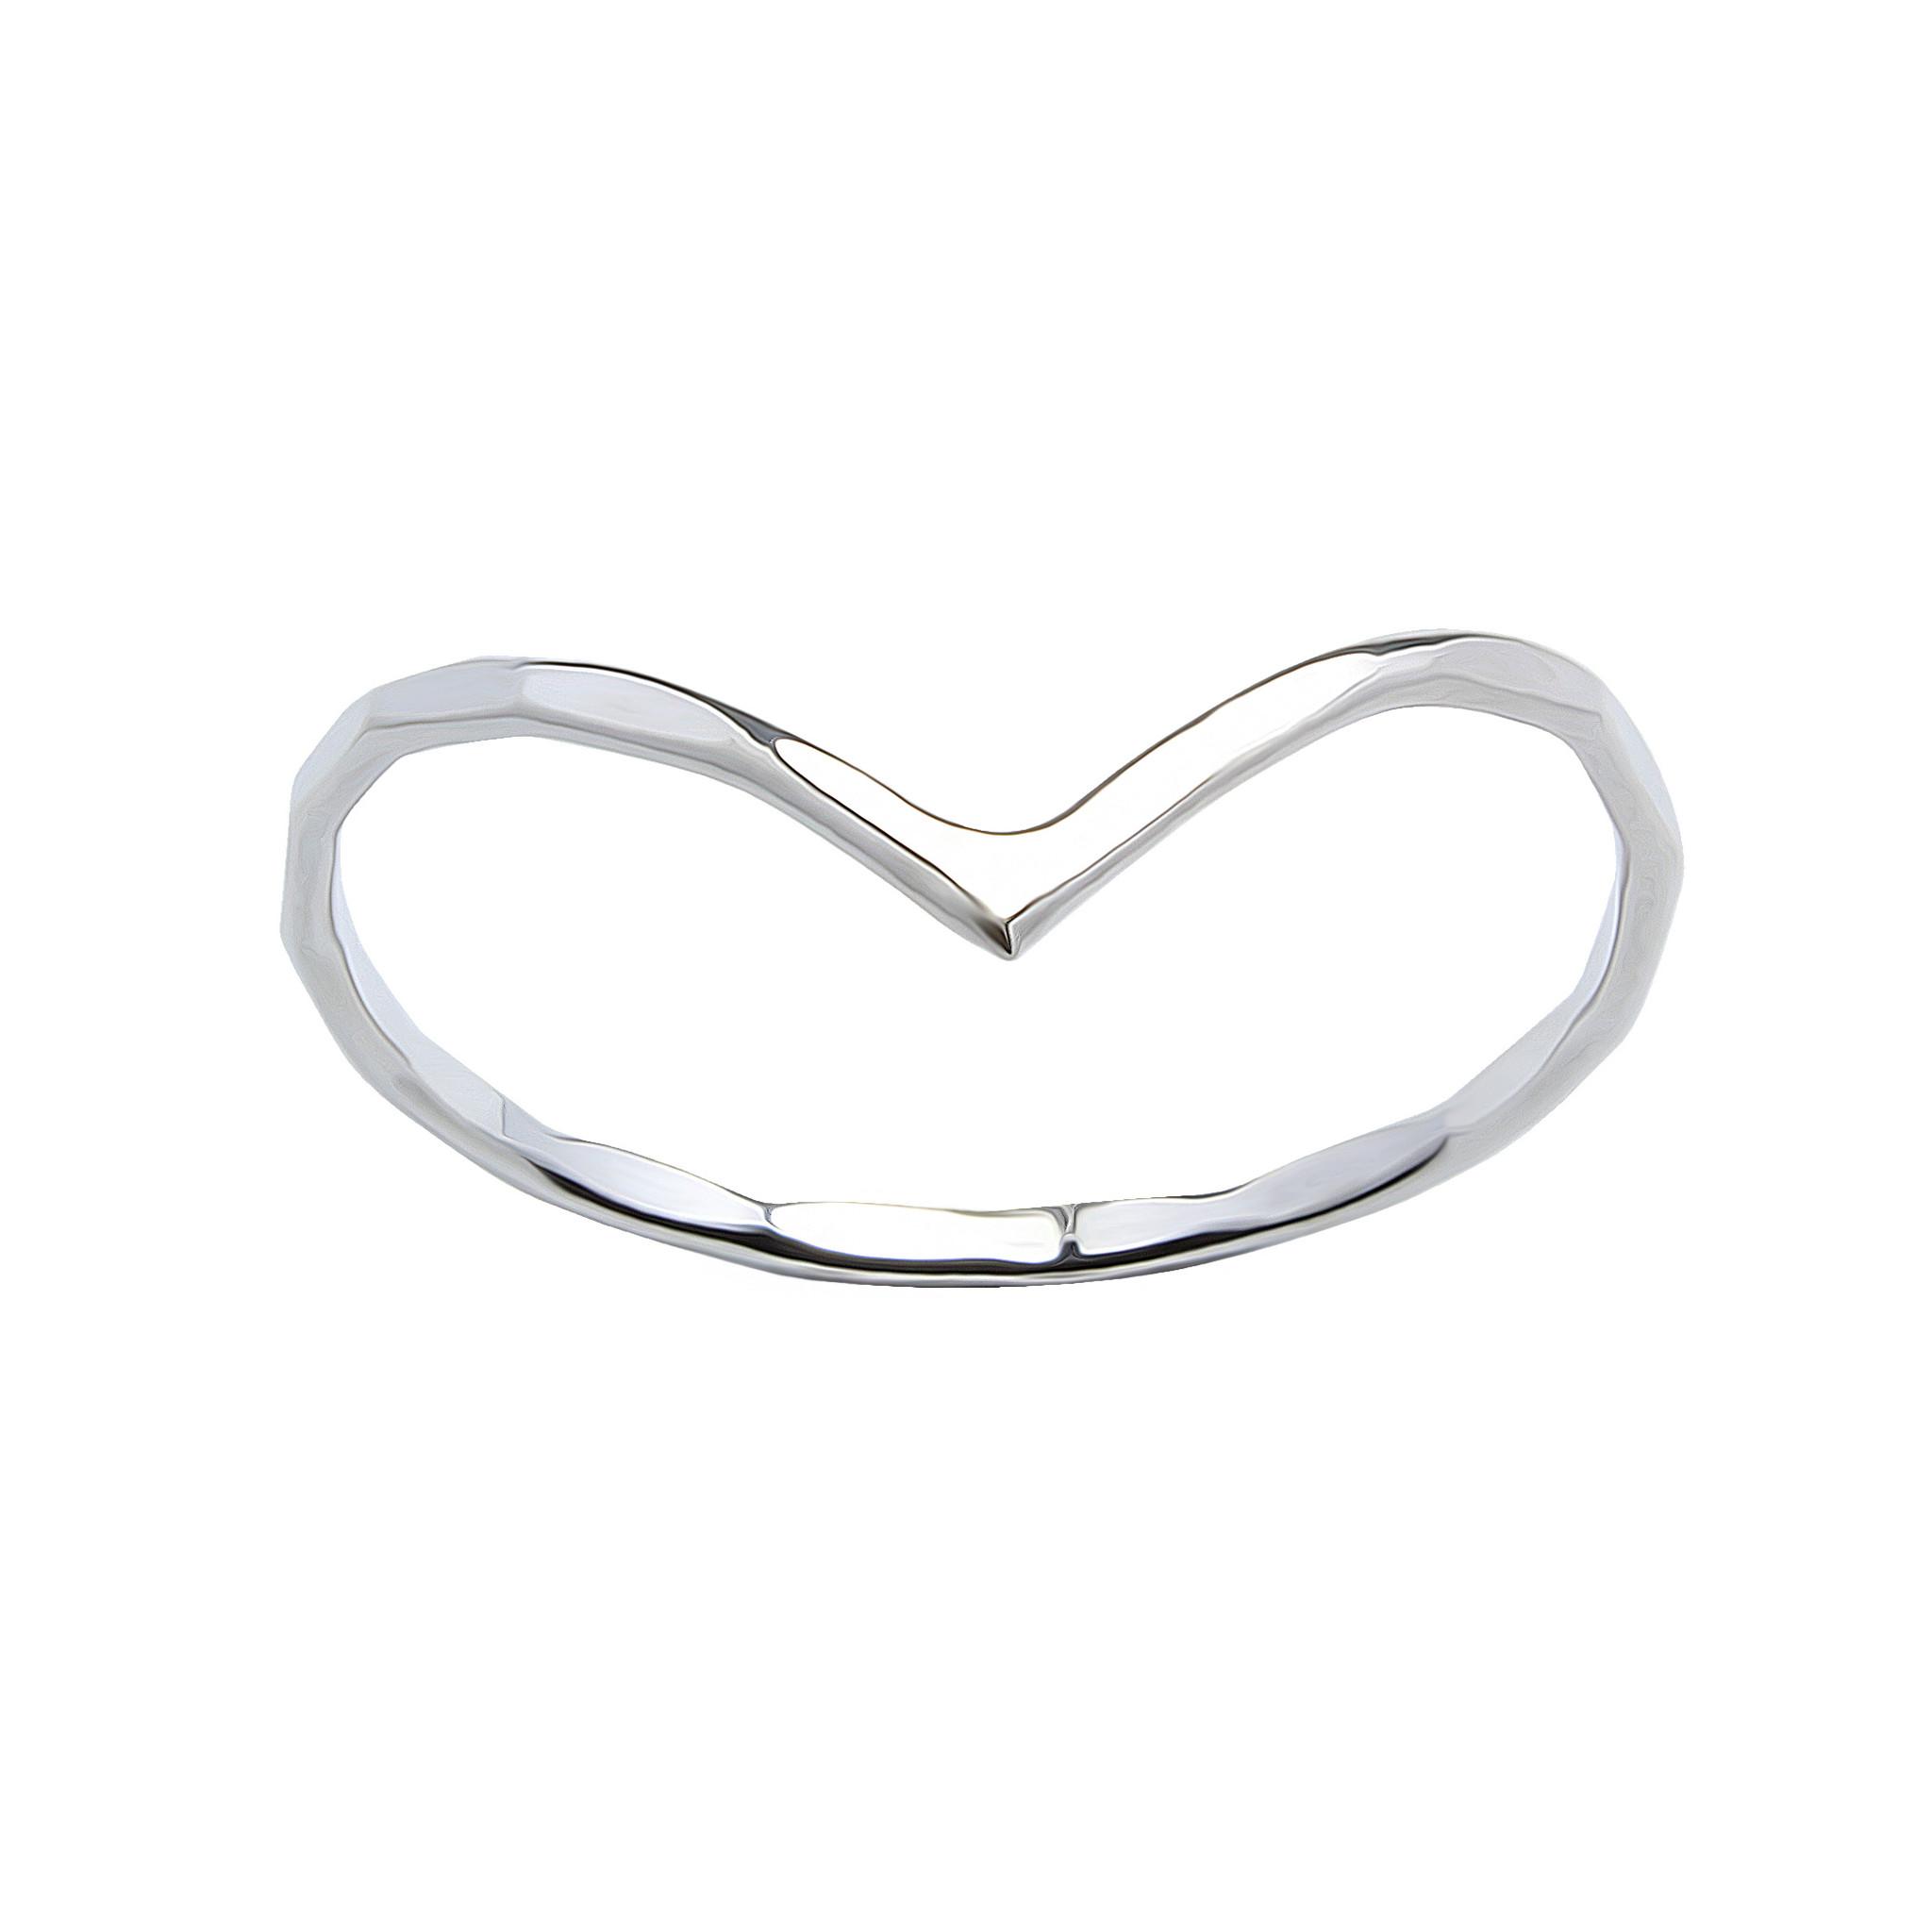 Feiner Ring mit Dreieck - 925er Sterling Silber-1